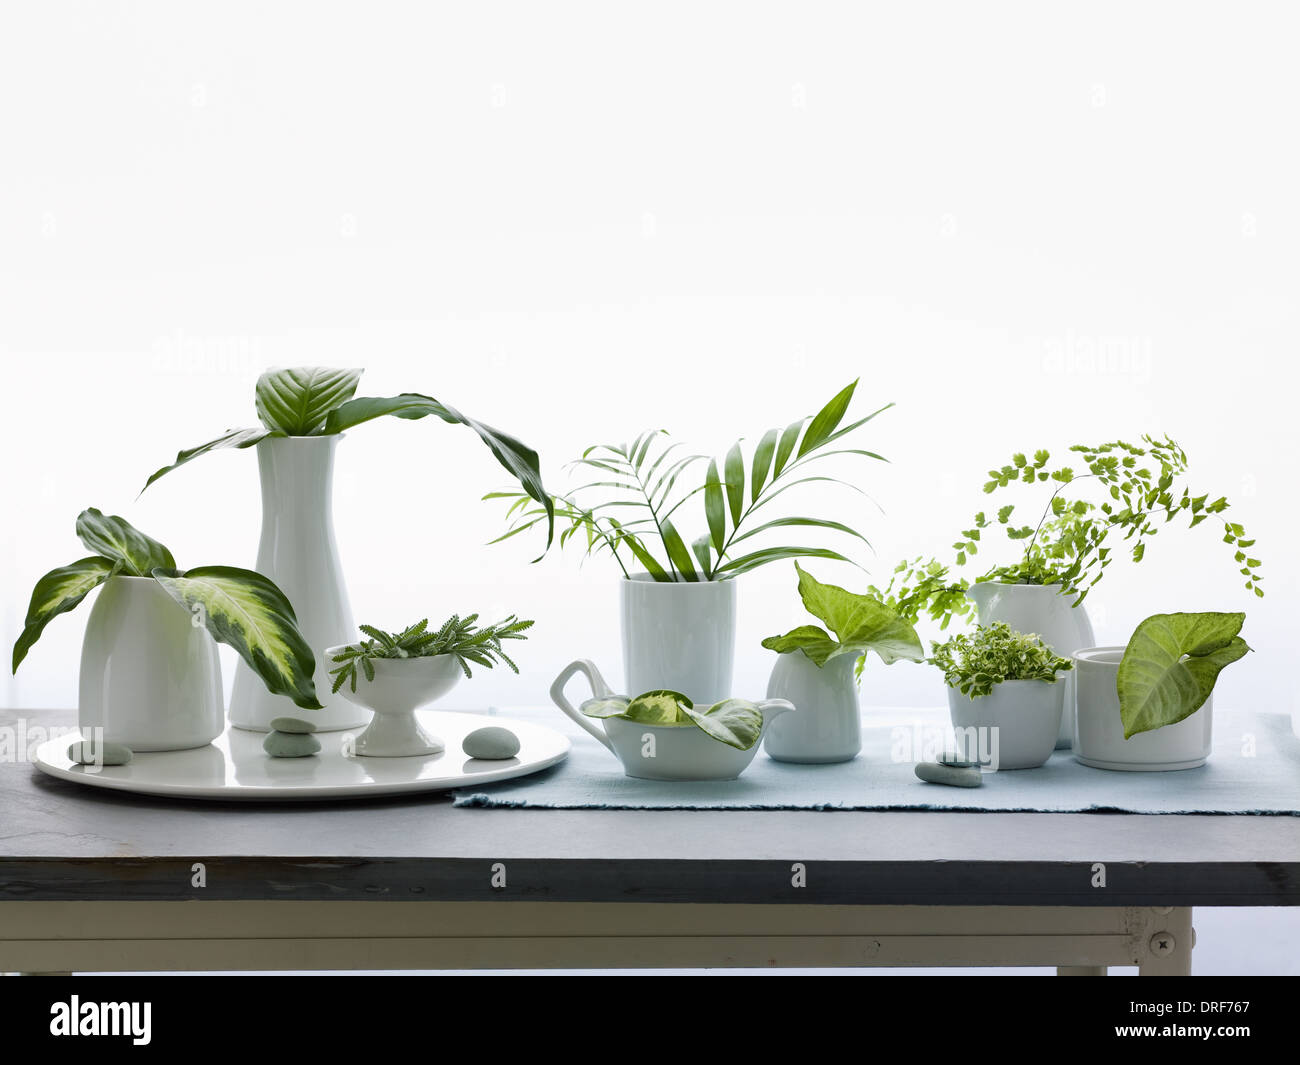 Maryland USA jarrones jarras de hojas verdes y follaje Studio shot Imagen De Stock